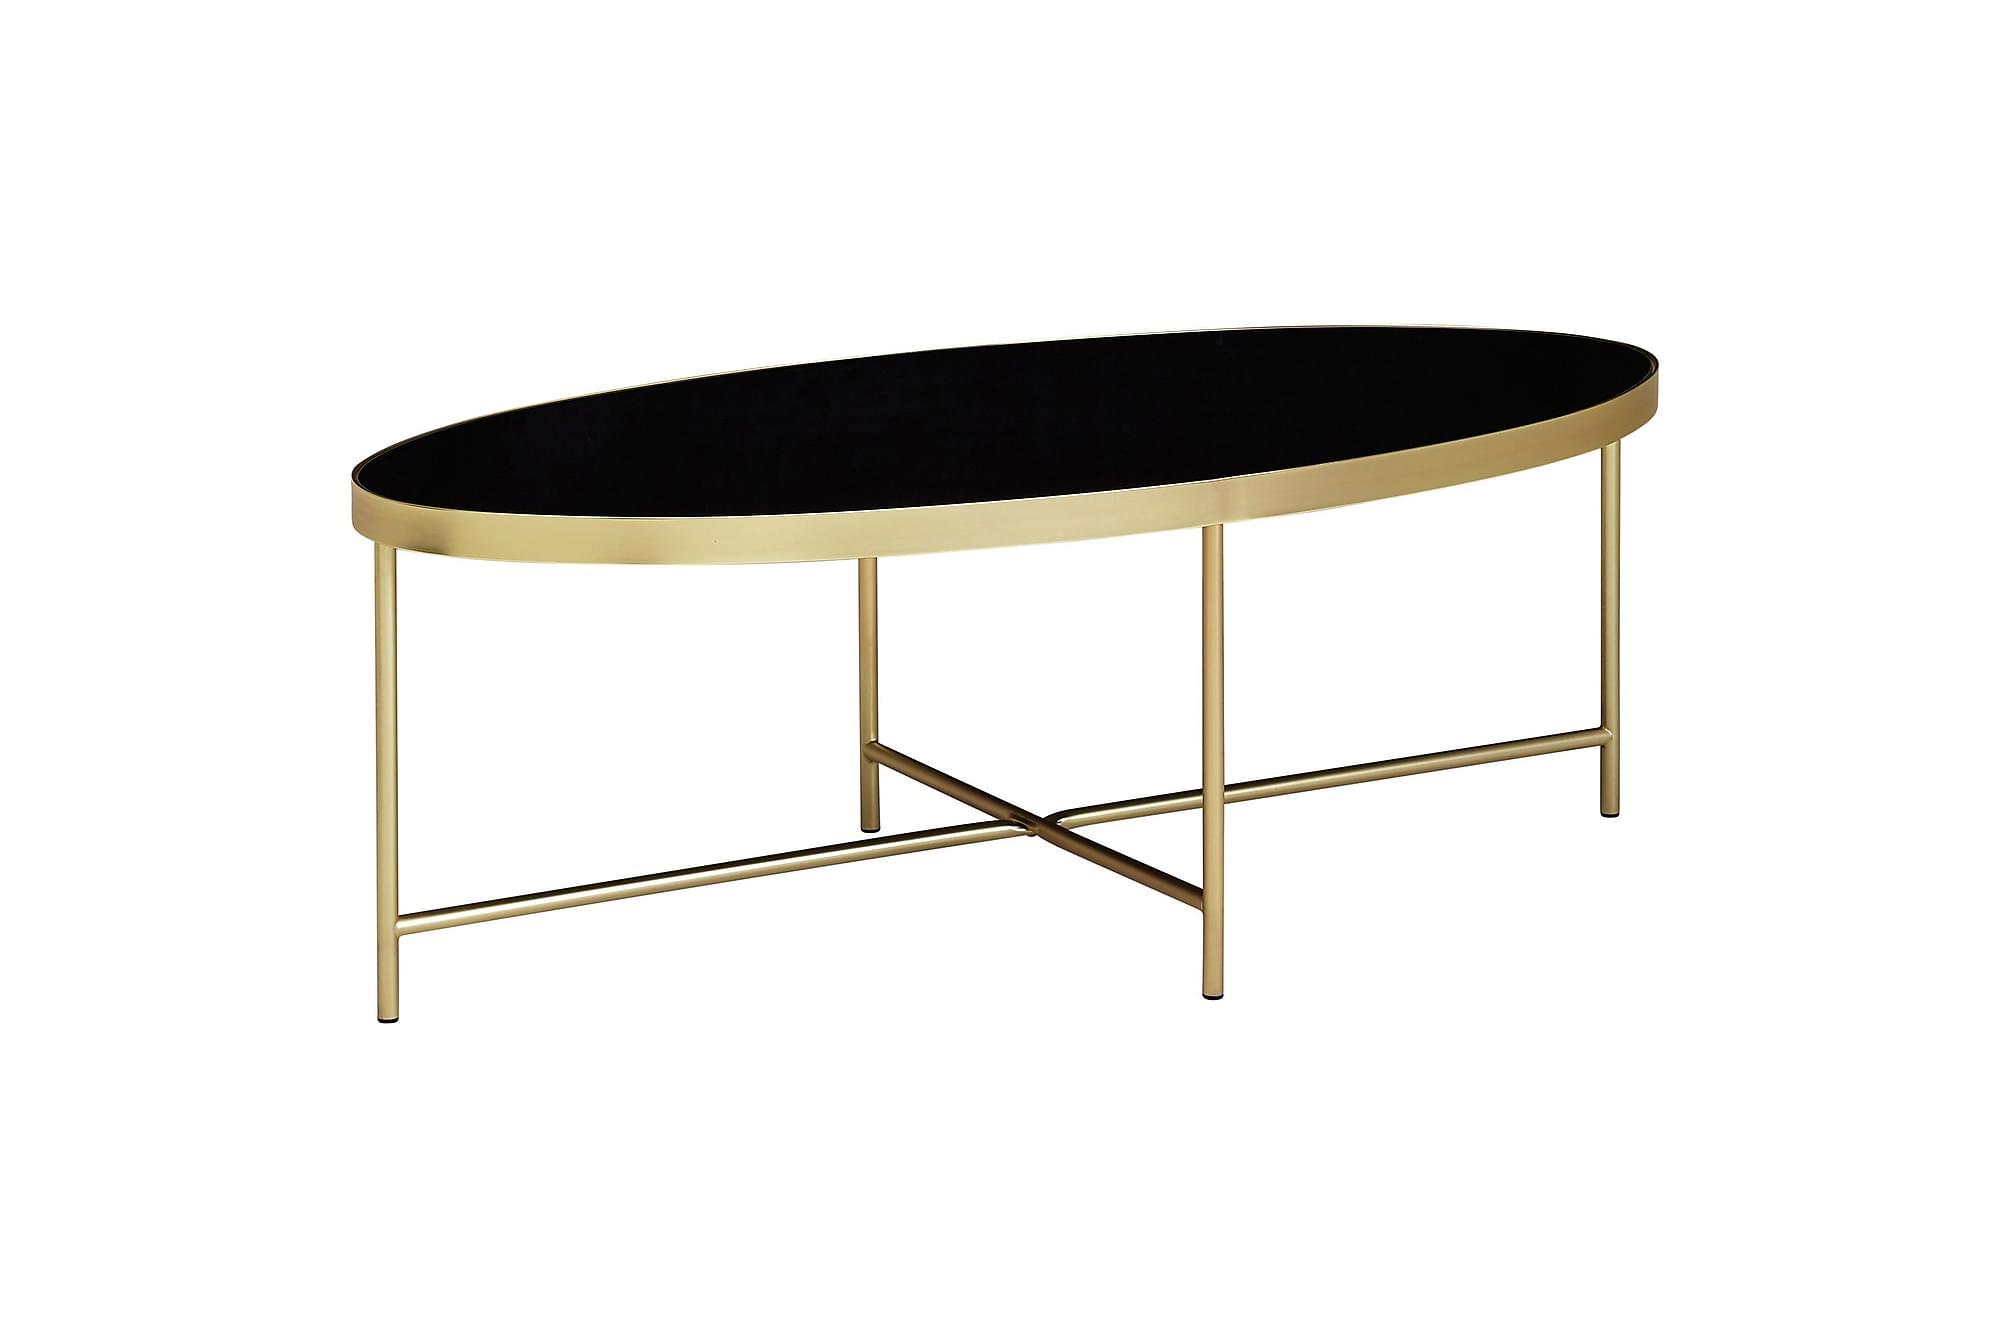 Nosbisch soffbord 56 cm svart|guld